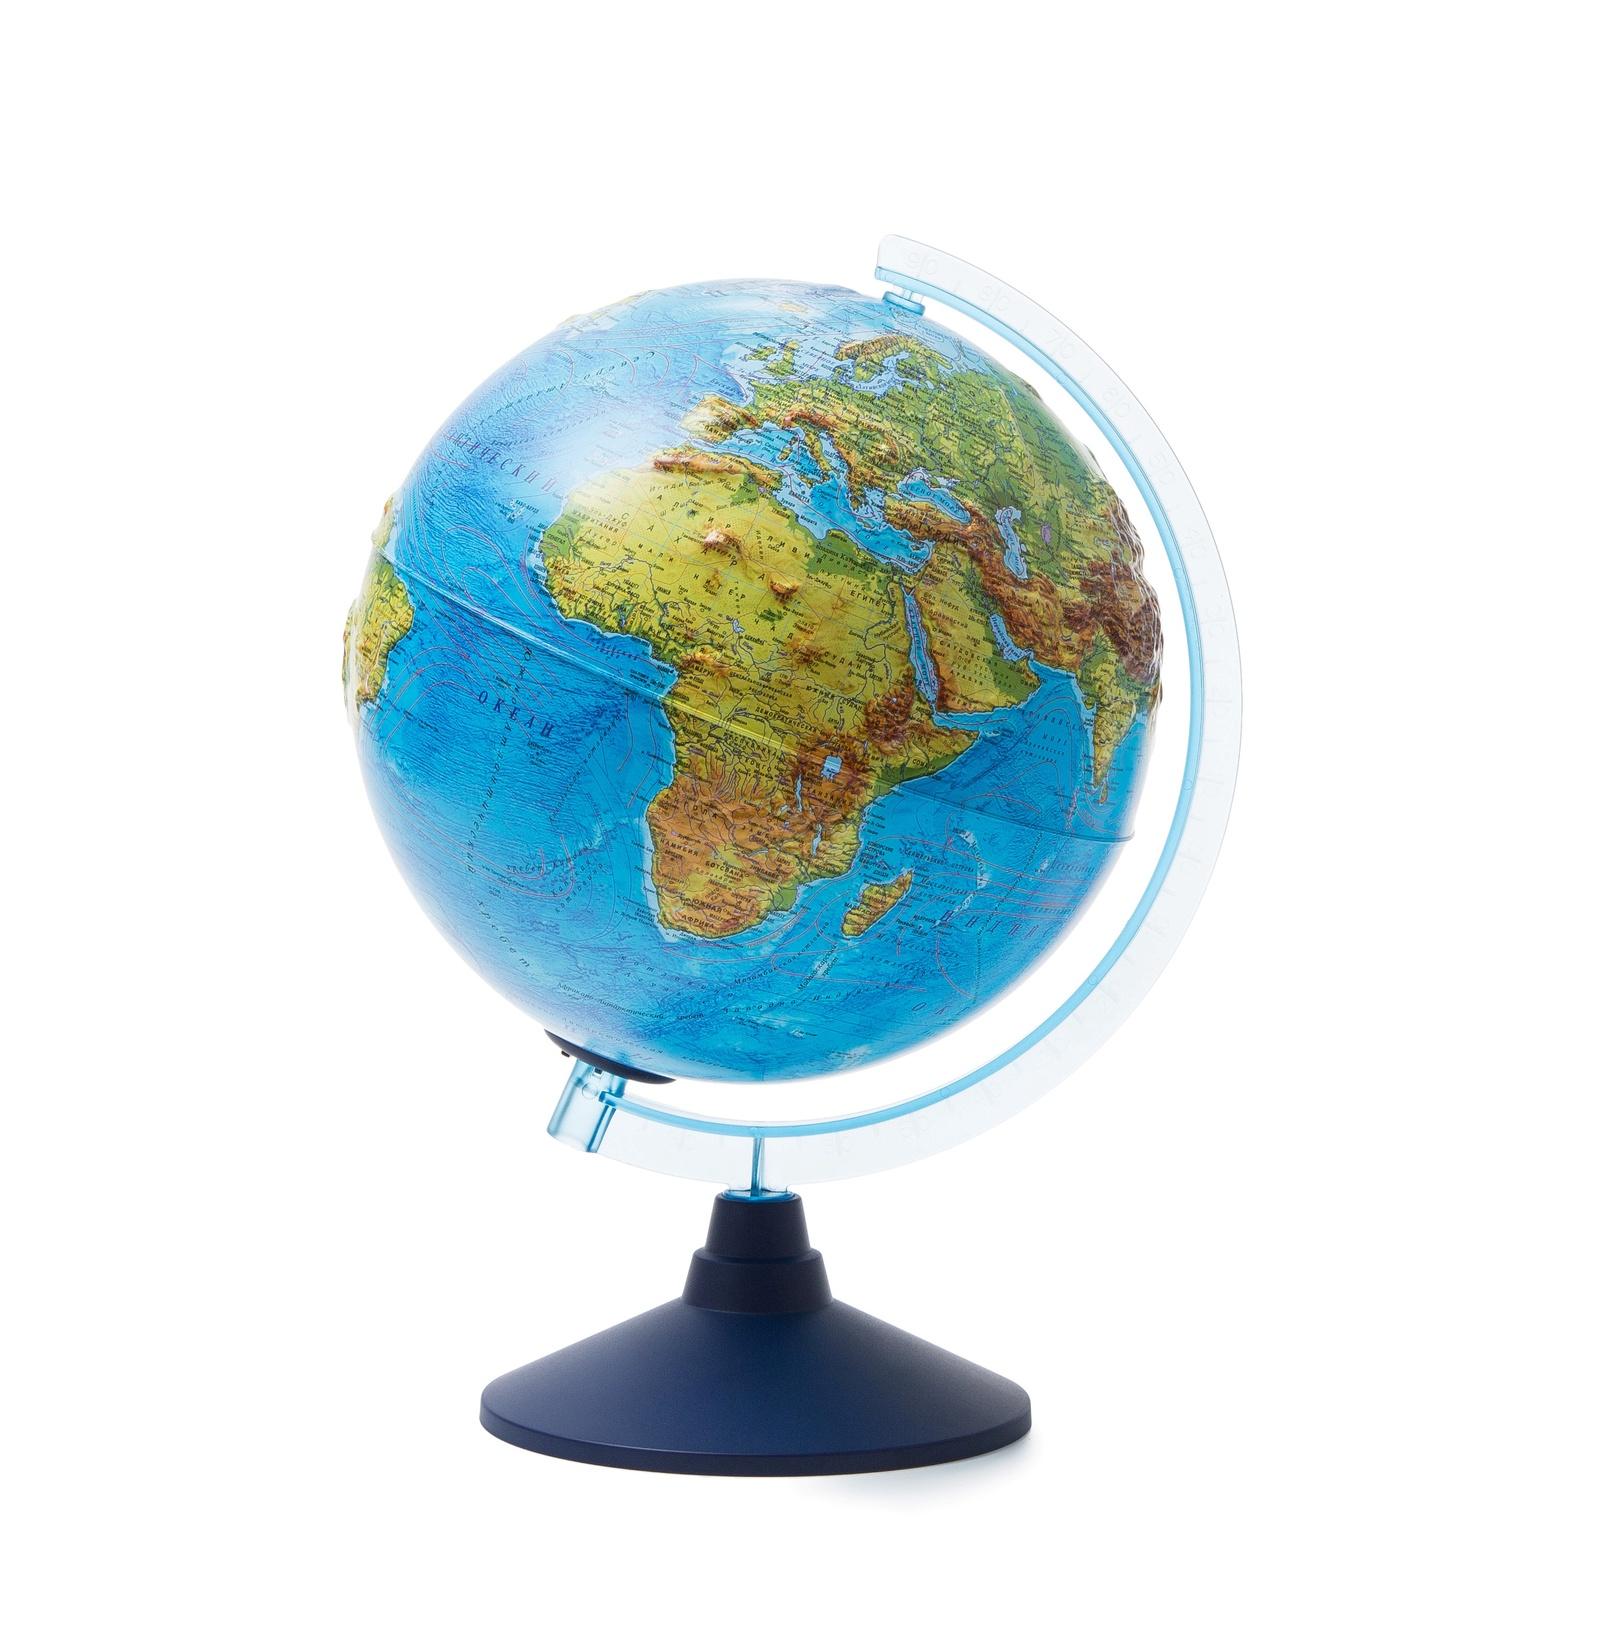 Глобус Globen Земли физико-политический рельефный с подсветкой от батареек, диаметр 25 см. globen глобус земли globen физико политический с подсветкой 320мм